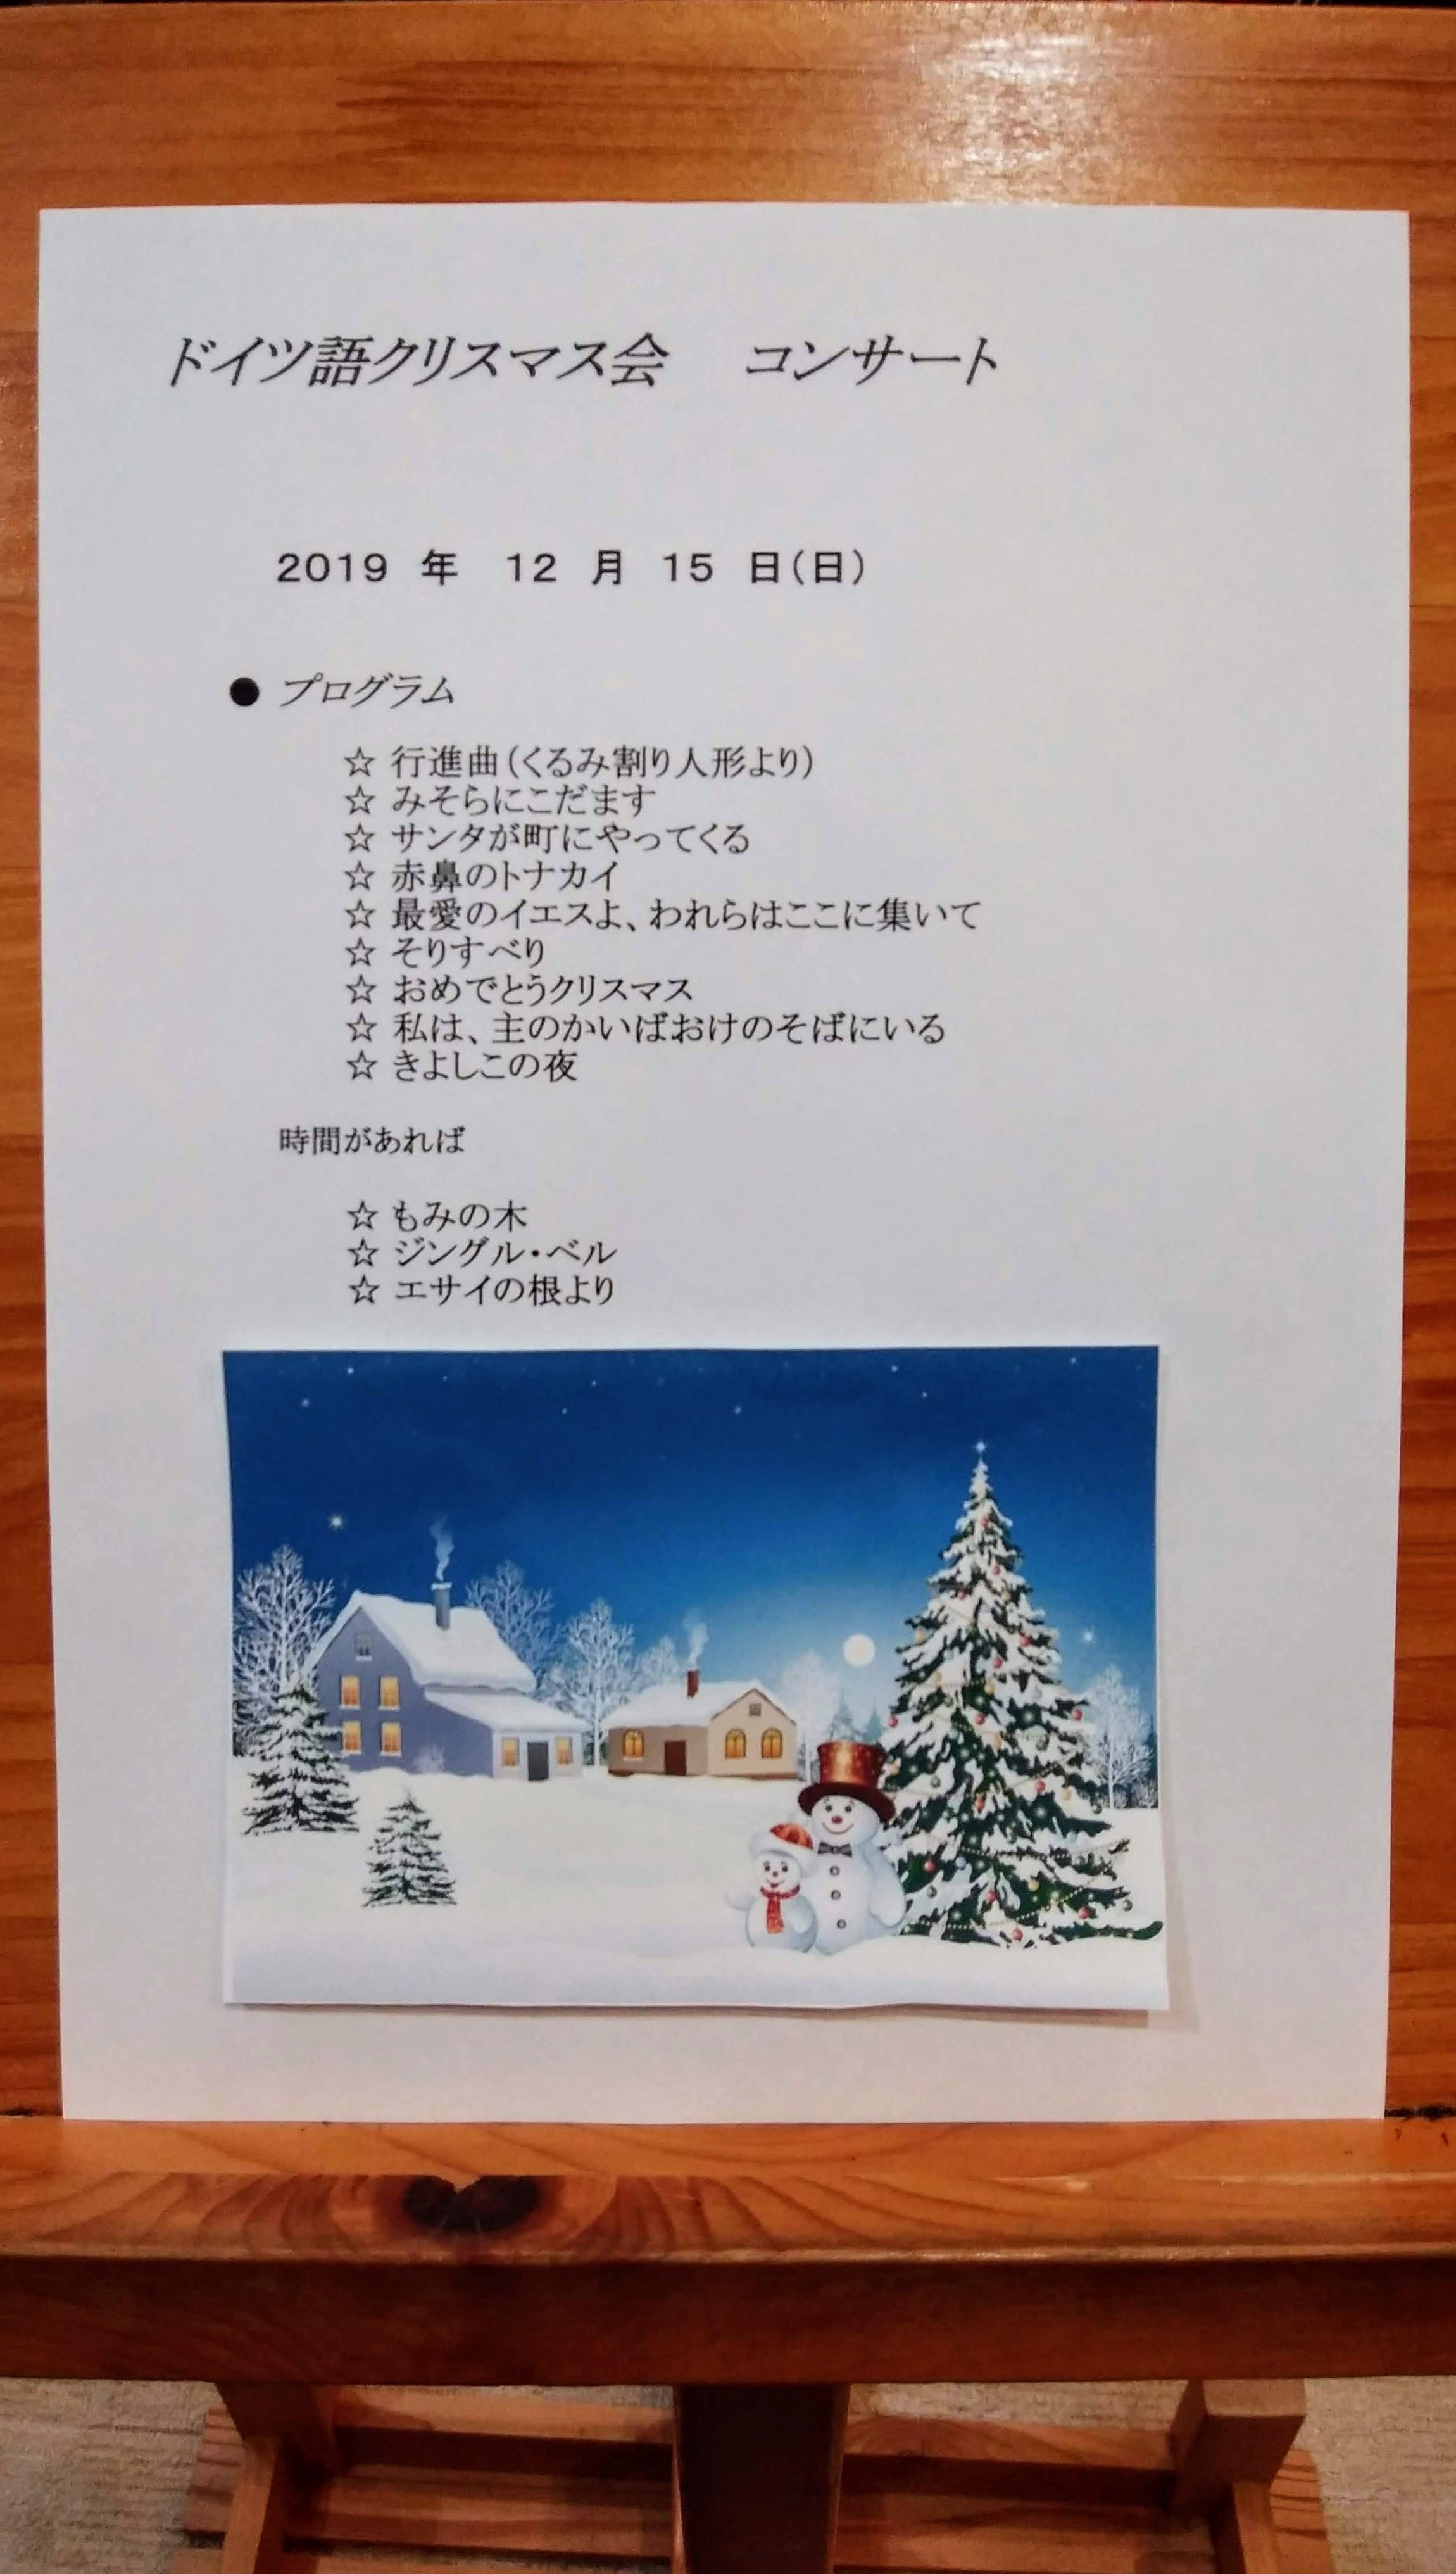 ドイツ語クリスマス会